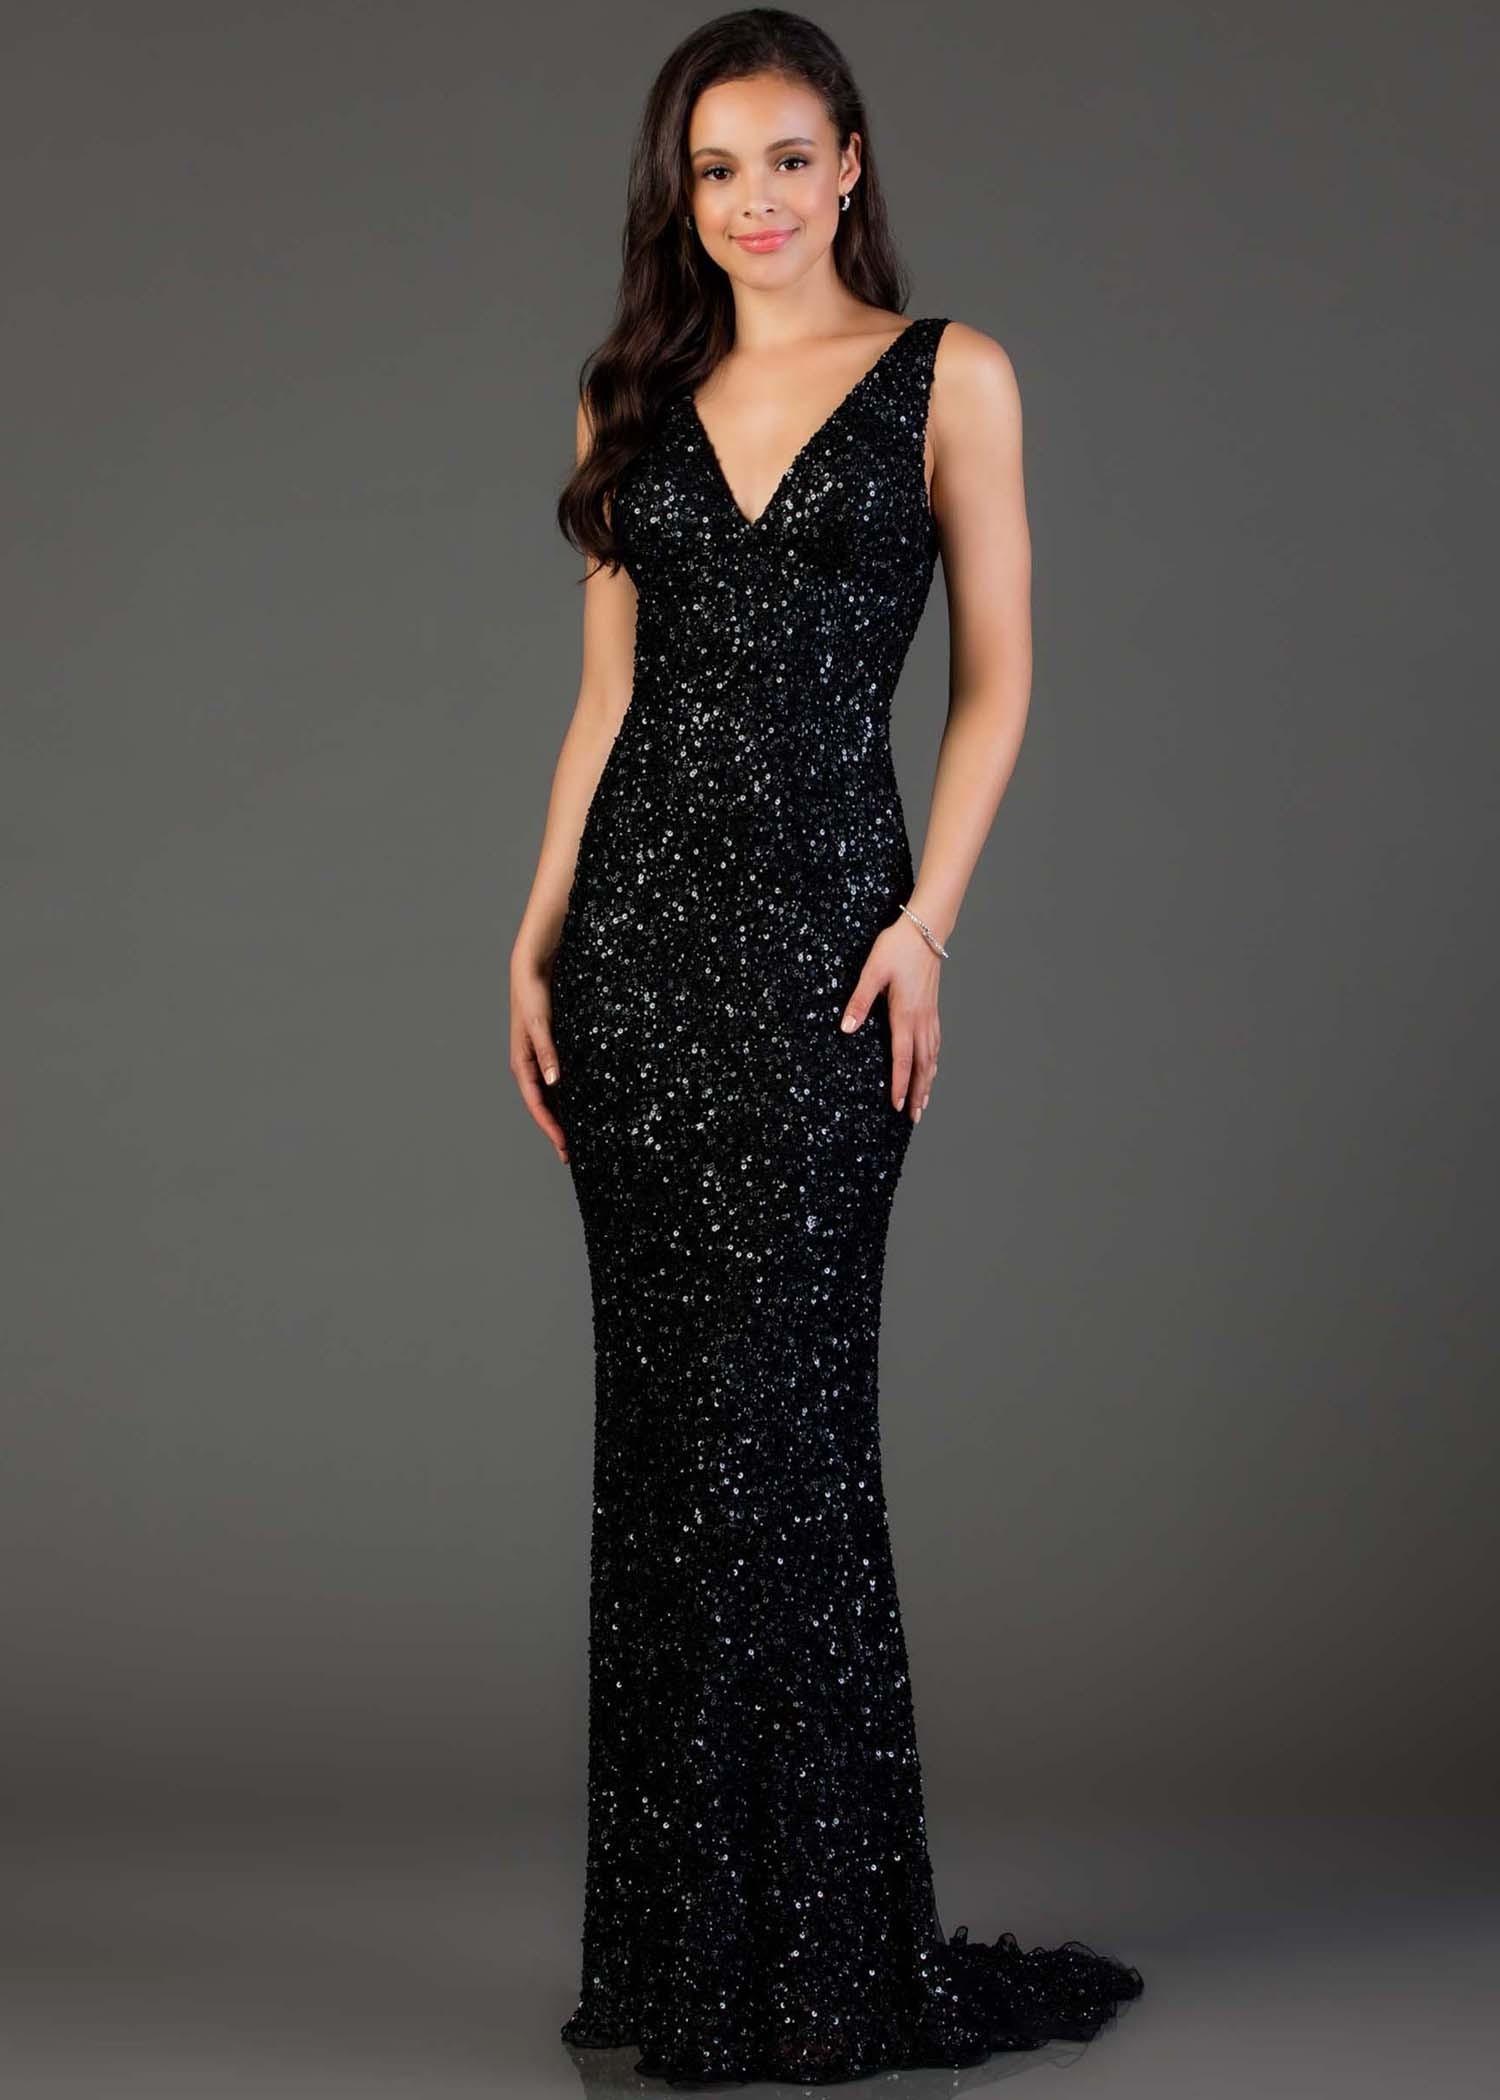 Adjustable-Strap Open-Back V-Neck Long Prom Dress | Prom